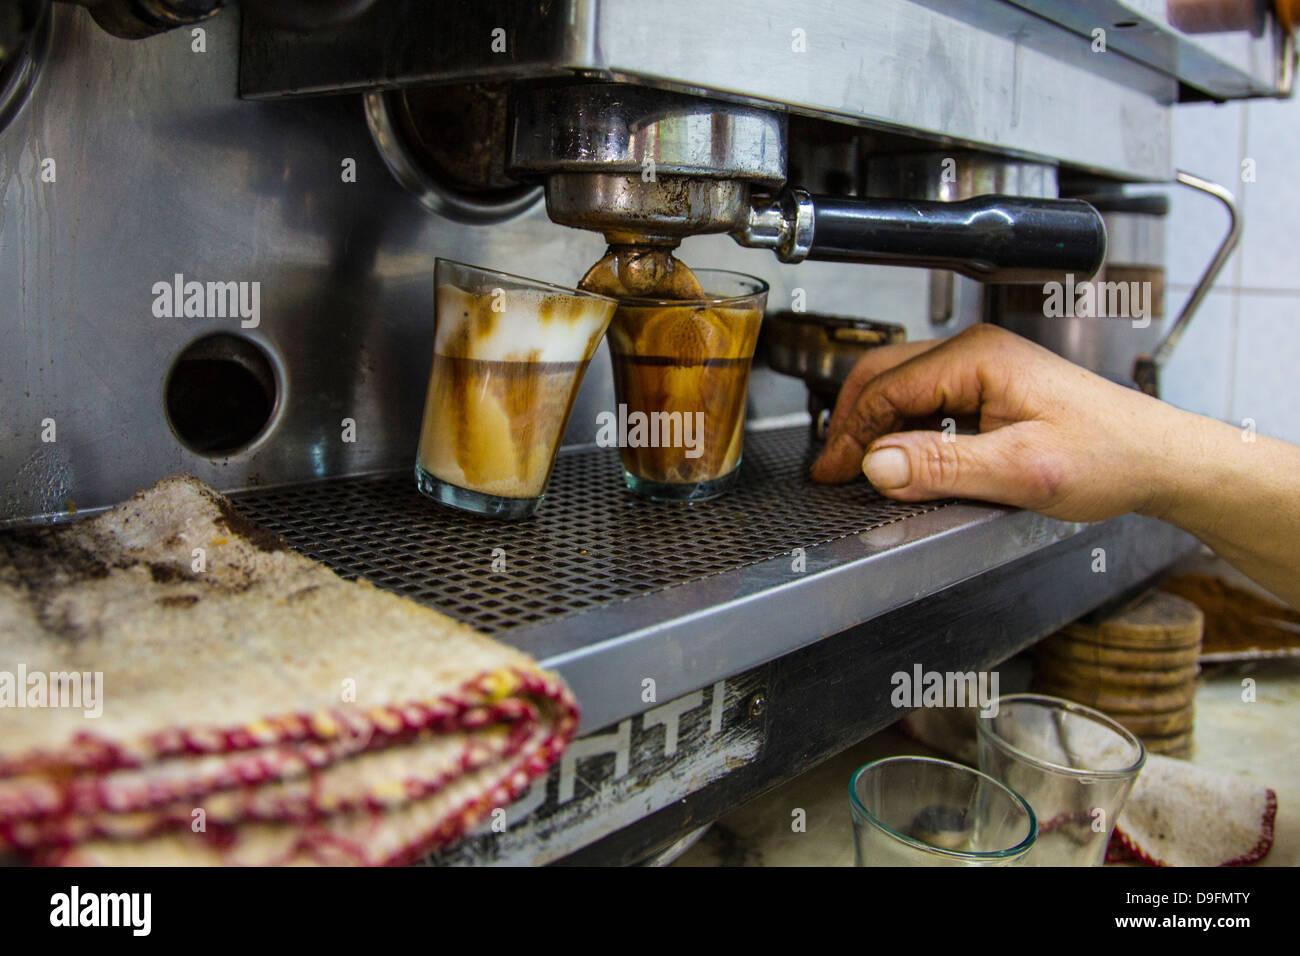 Espresso machine in a cafe in Tunis, Tunisia Stock Photo